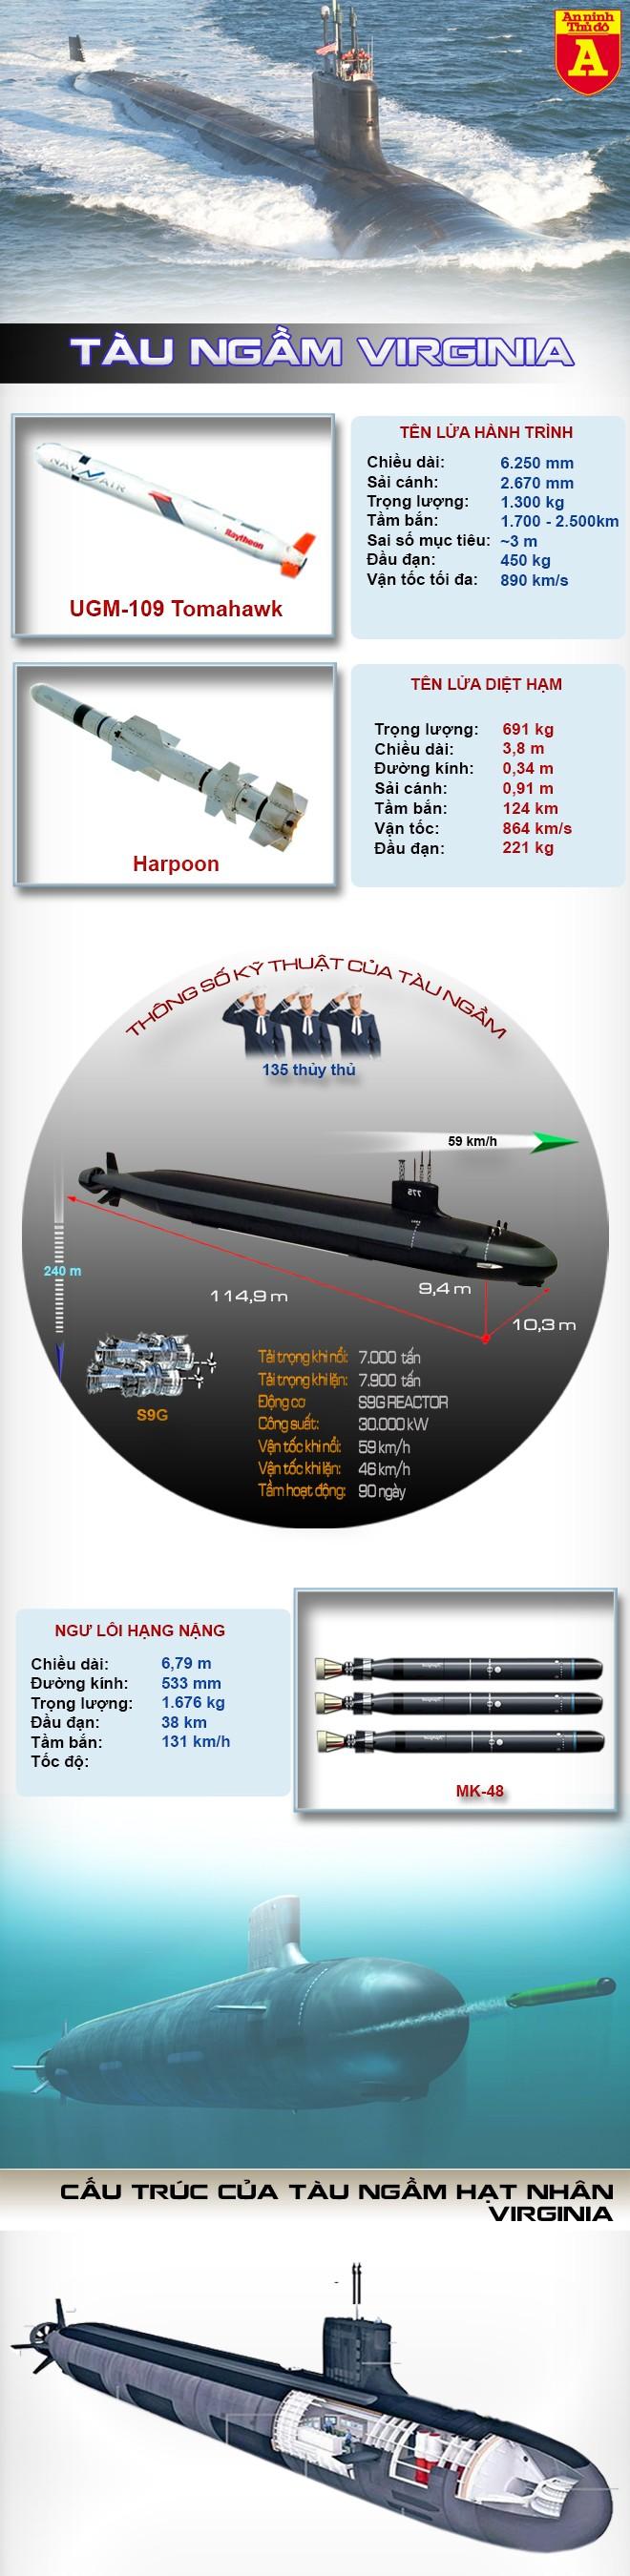 [Infographic] Mỹ hạ thủy siêu tàu ngầm hạt nhân, khẳng định vị thế siêu cường số 1 đại dương ảnh 2